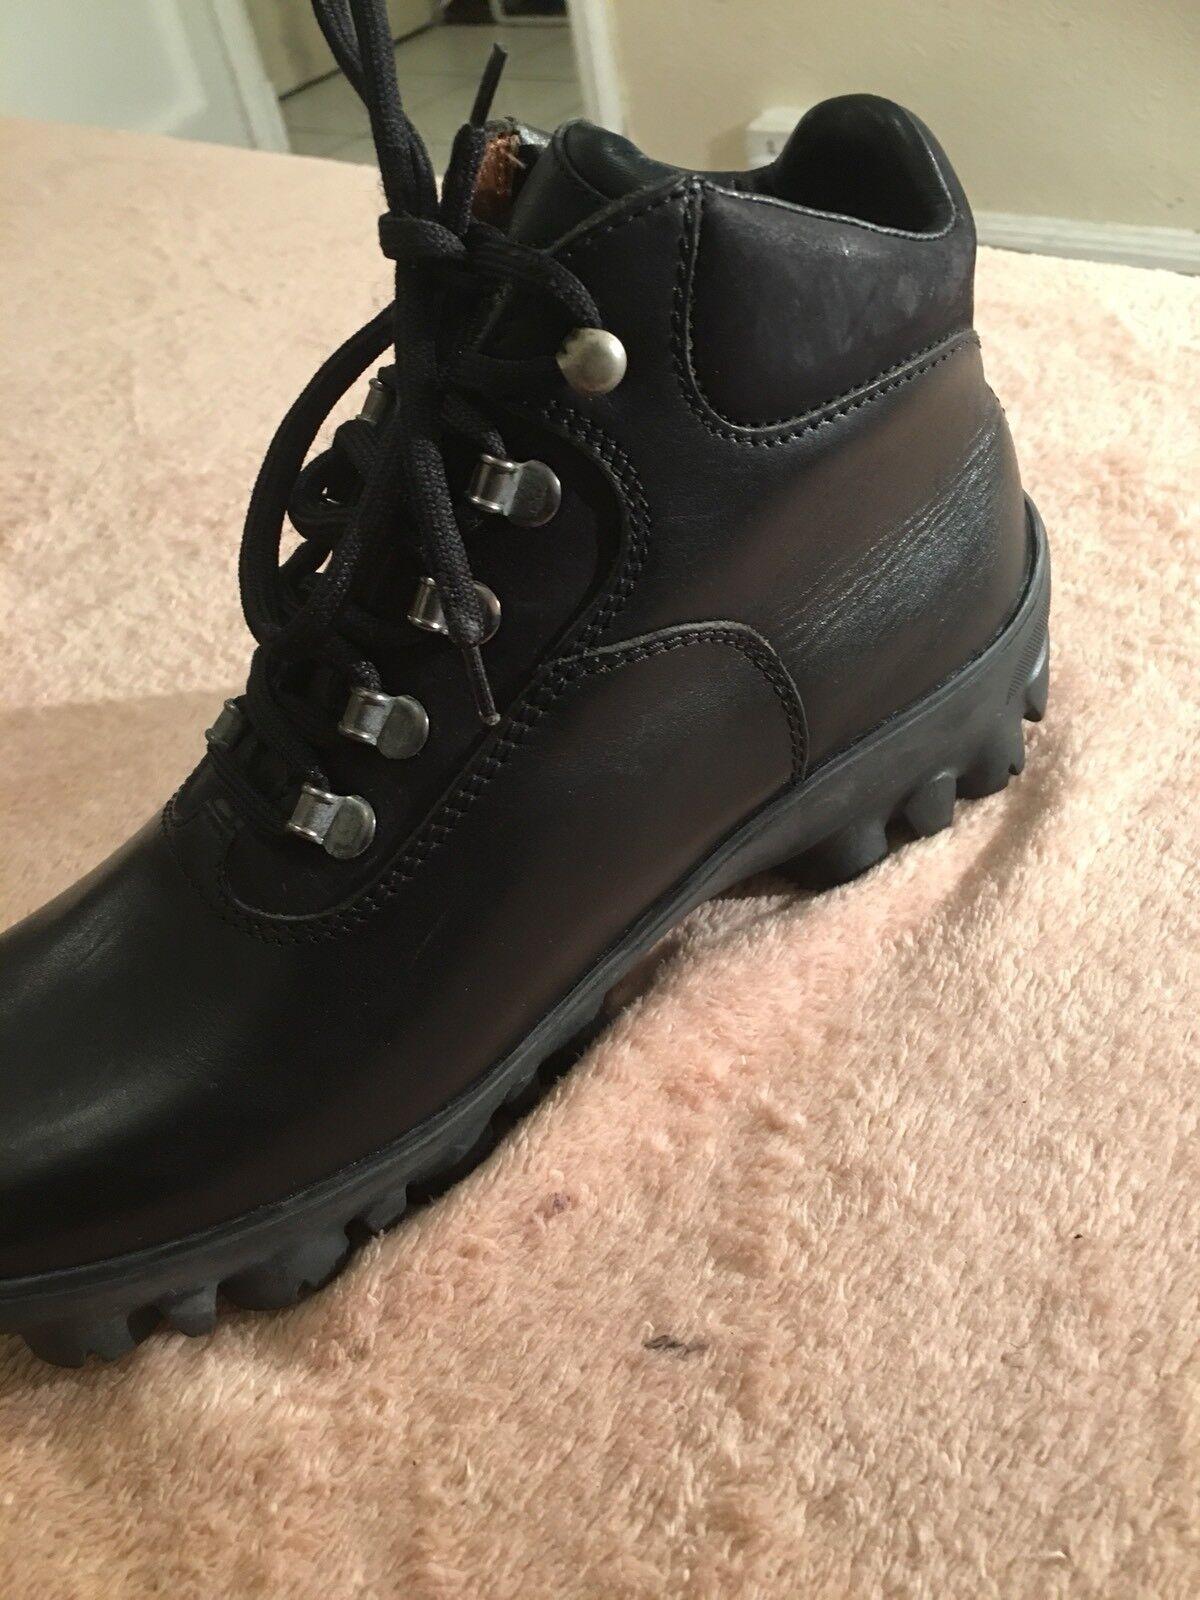 Bally Exedo Ladies Hiking Boots Size EU7E (US8D) - New